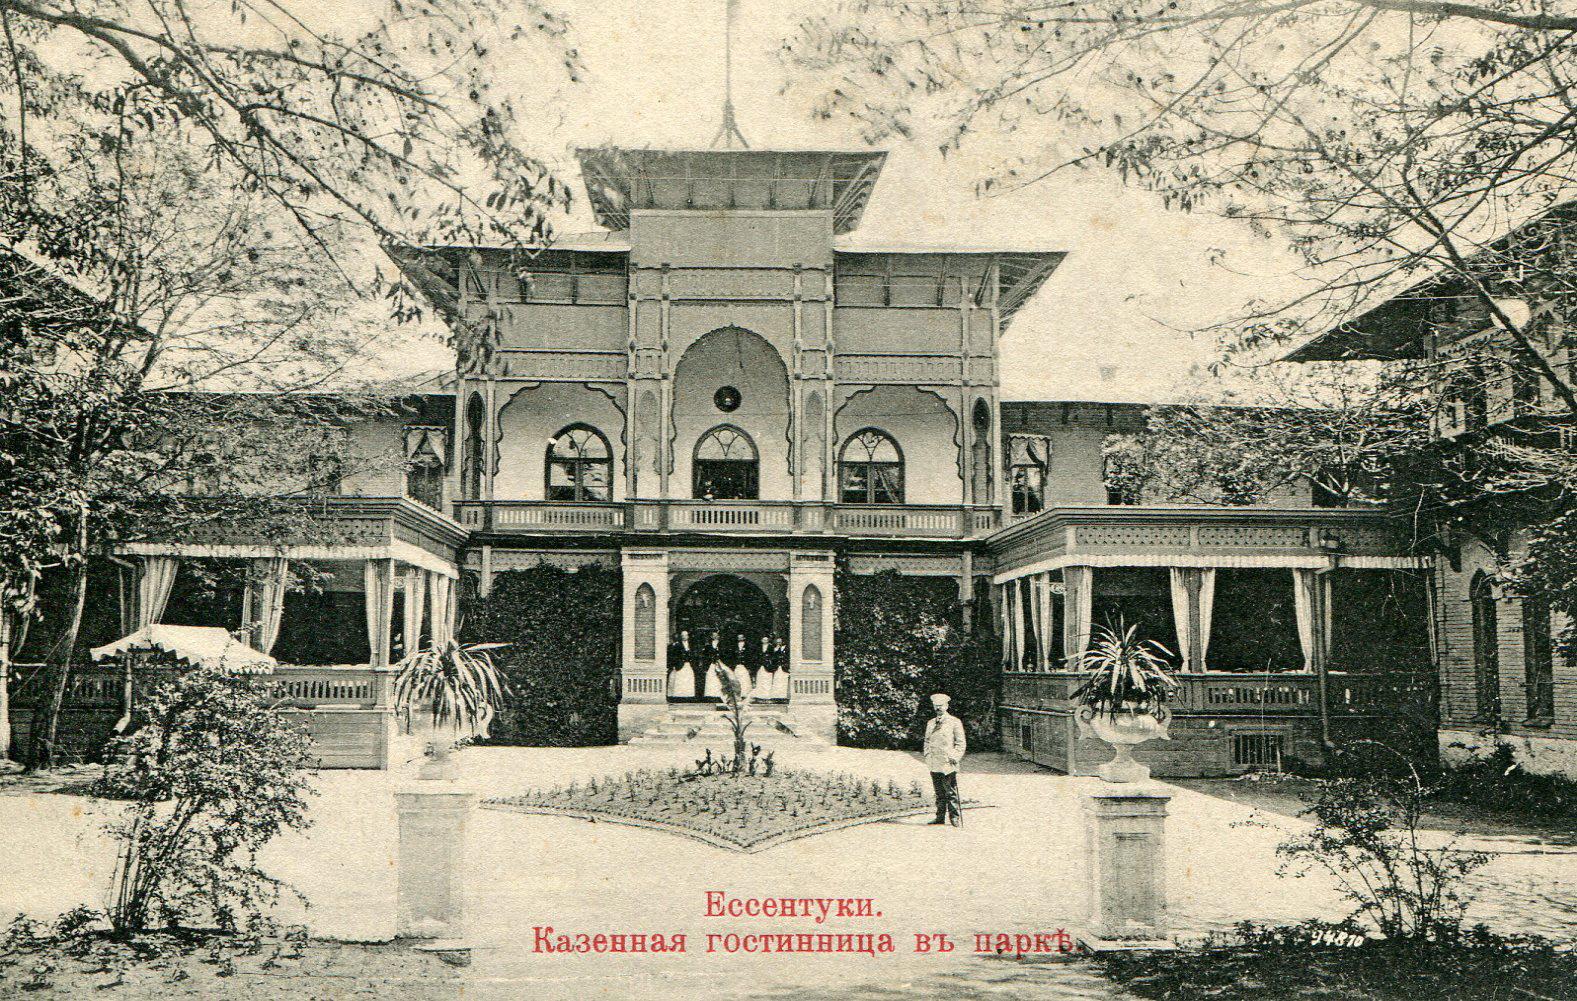 Казенная гостиница в парке